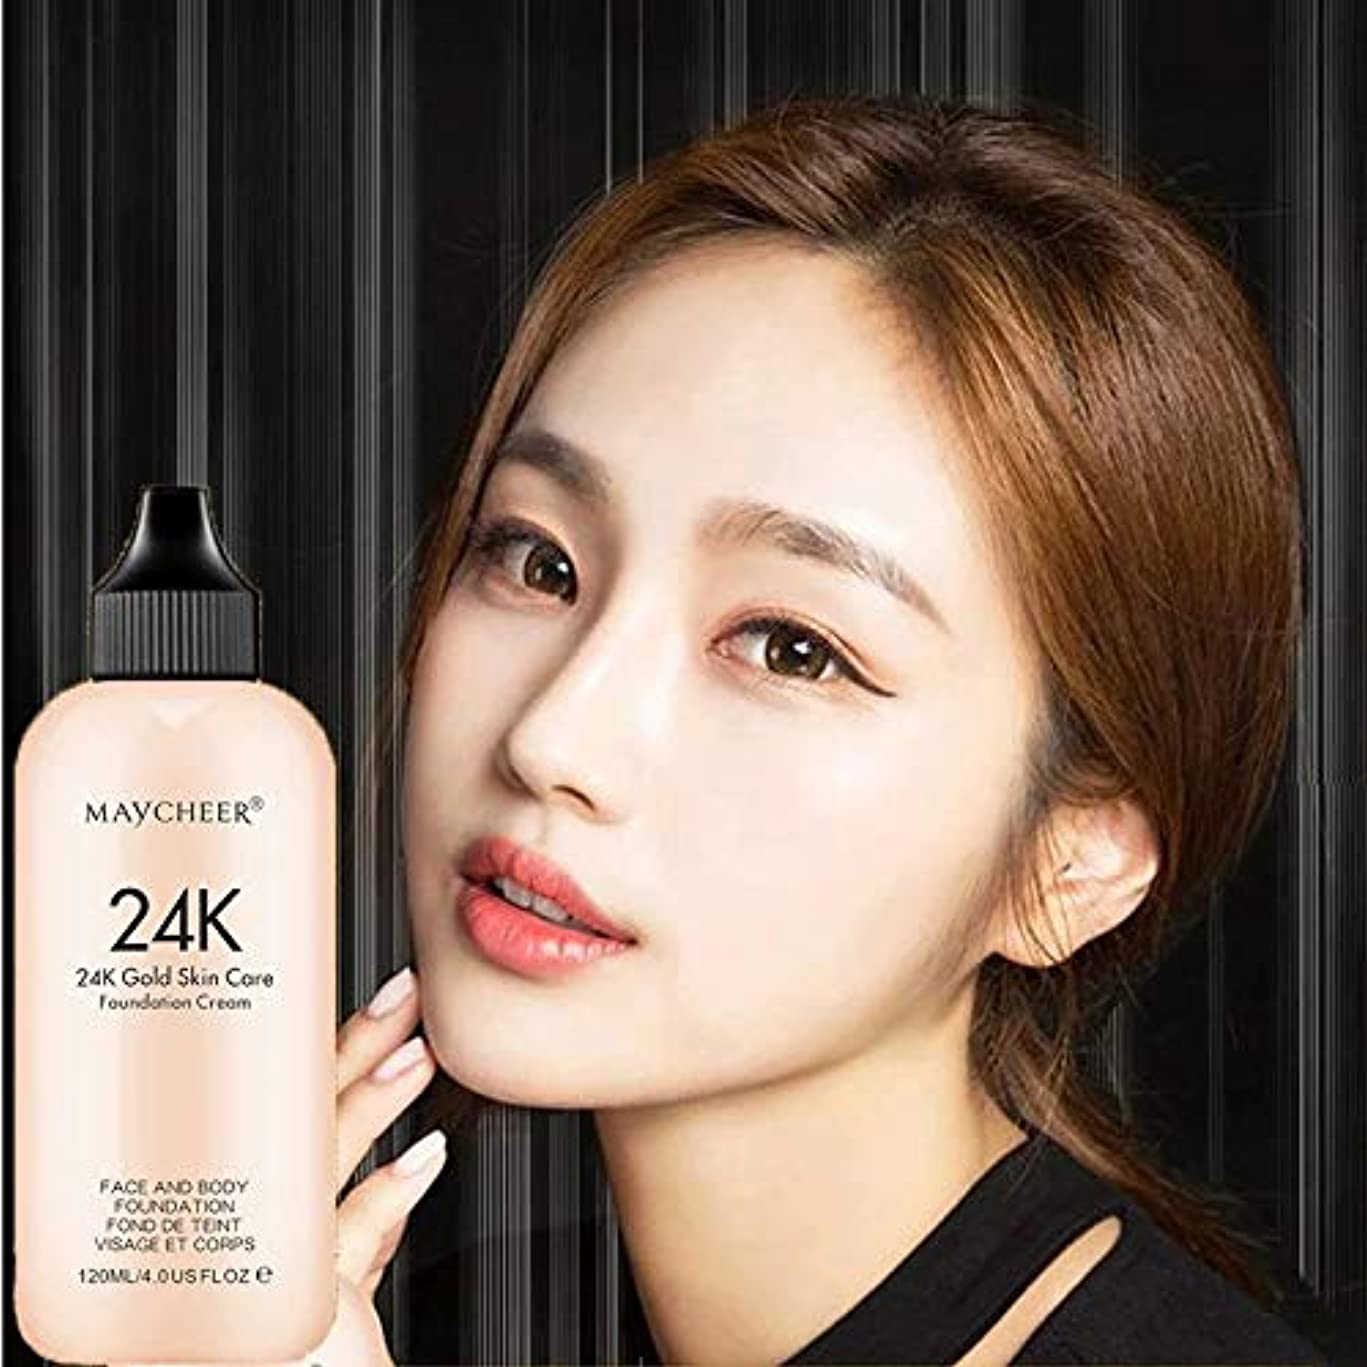 チャーミングどんなときもテロ120ミリリットルフェイス日焼け止めファンデーションクリーム防水メイクアップミネラル液体フルカバーベースコンシーラー化粧品化粧品 120ml Face Sun Block Foundation Cream Liquid Concealer Cosmetics